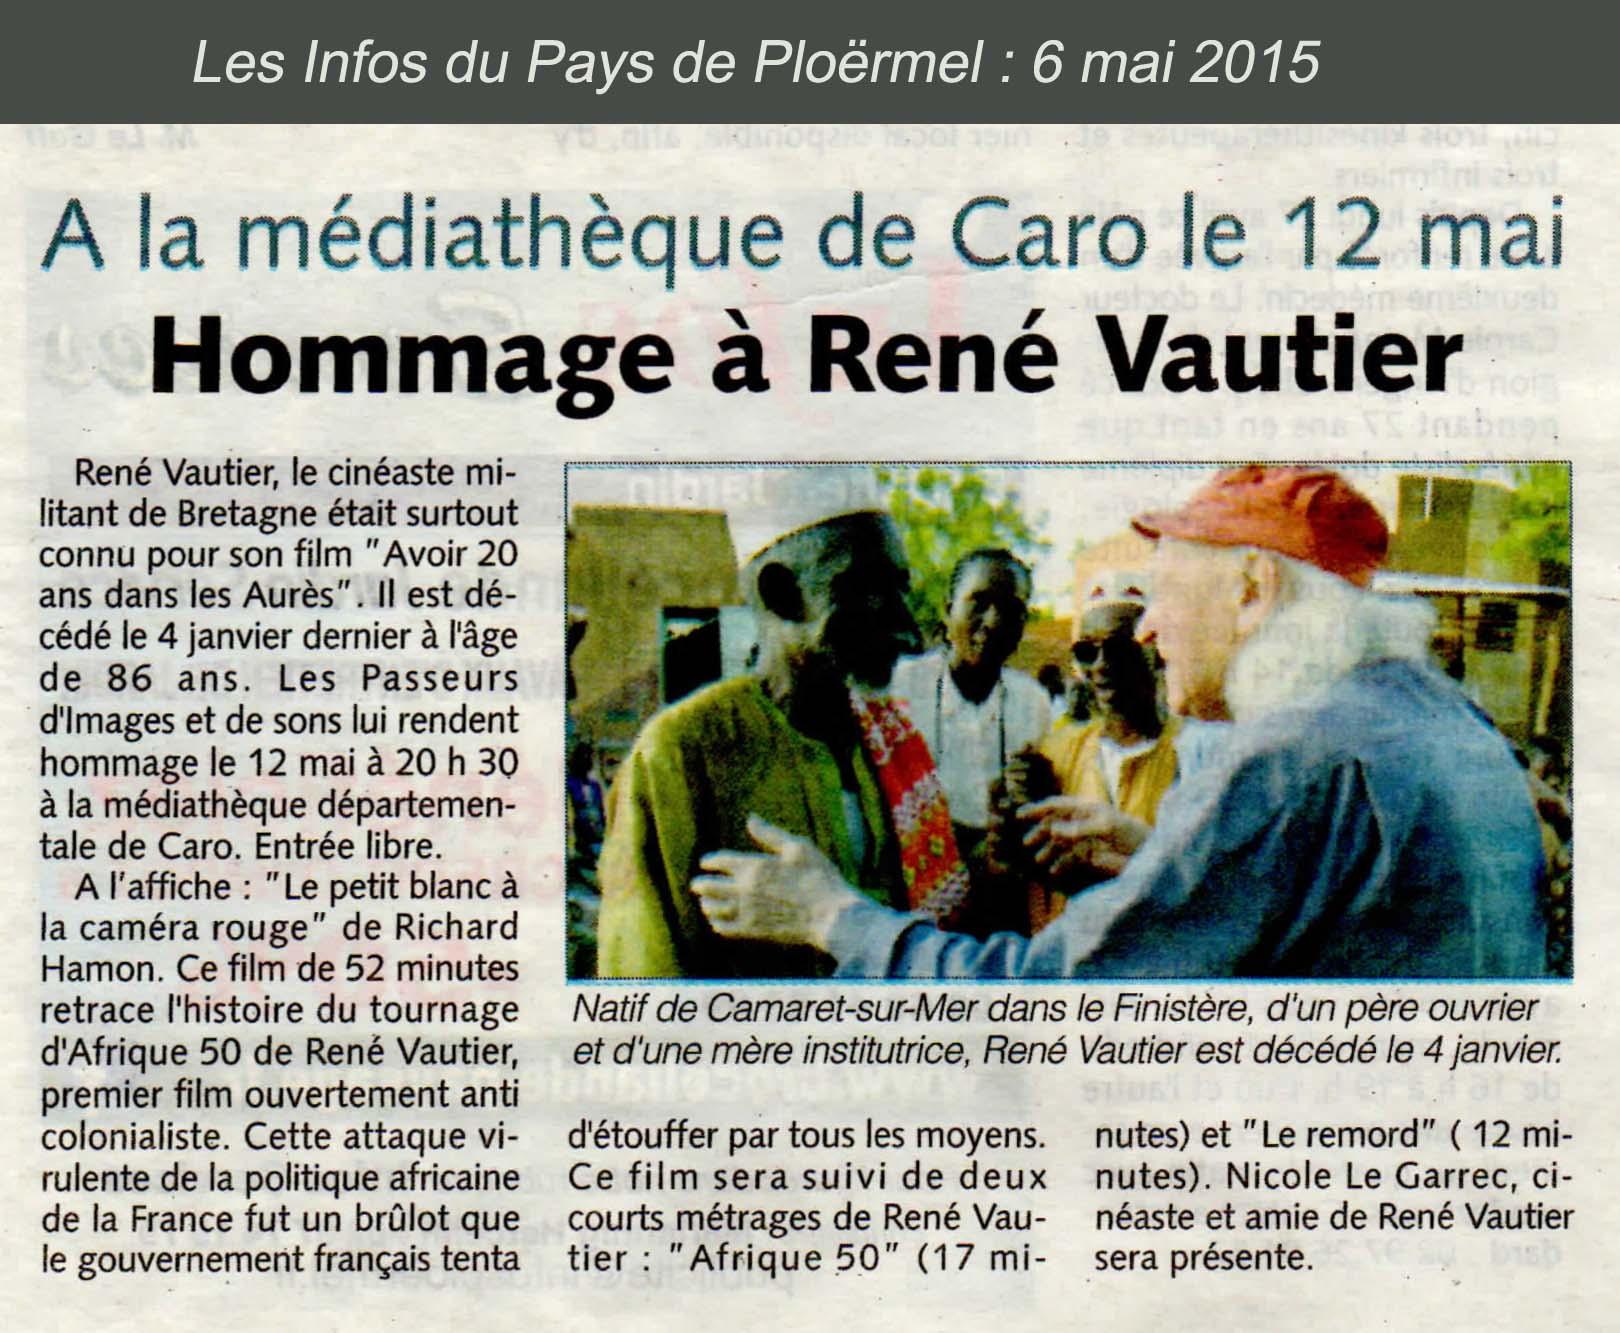 Homage à René Vautier